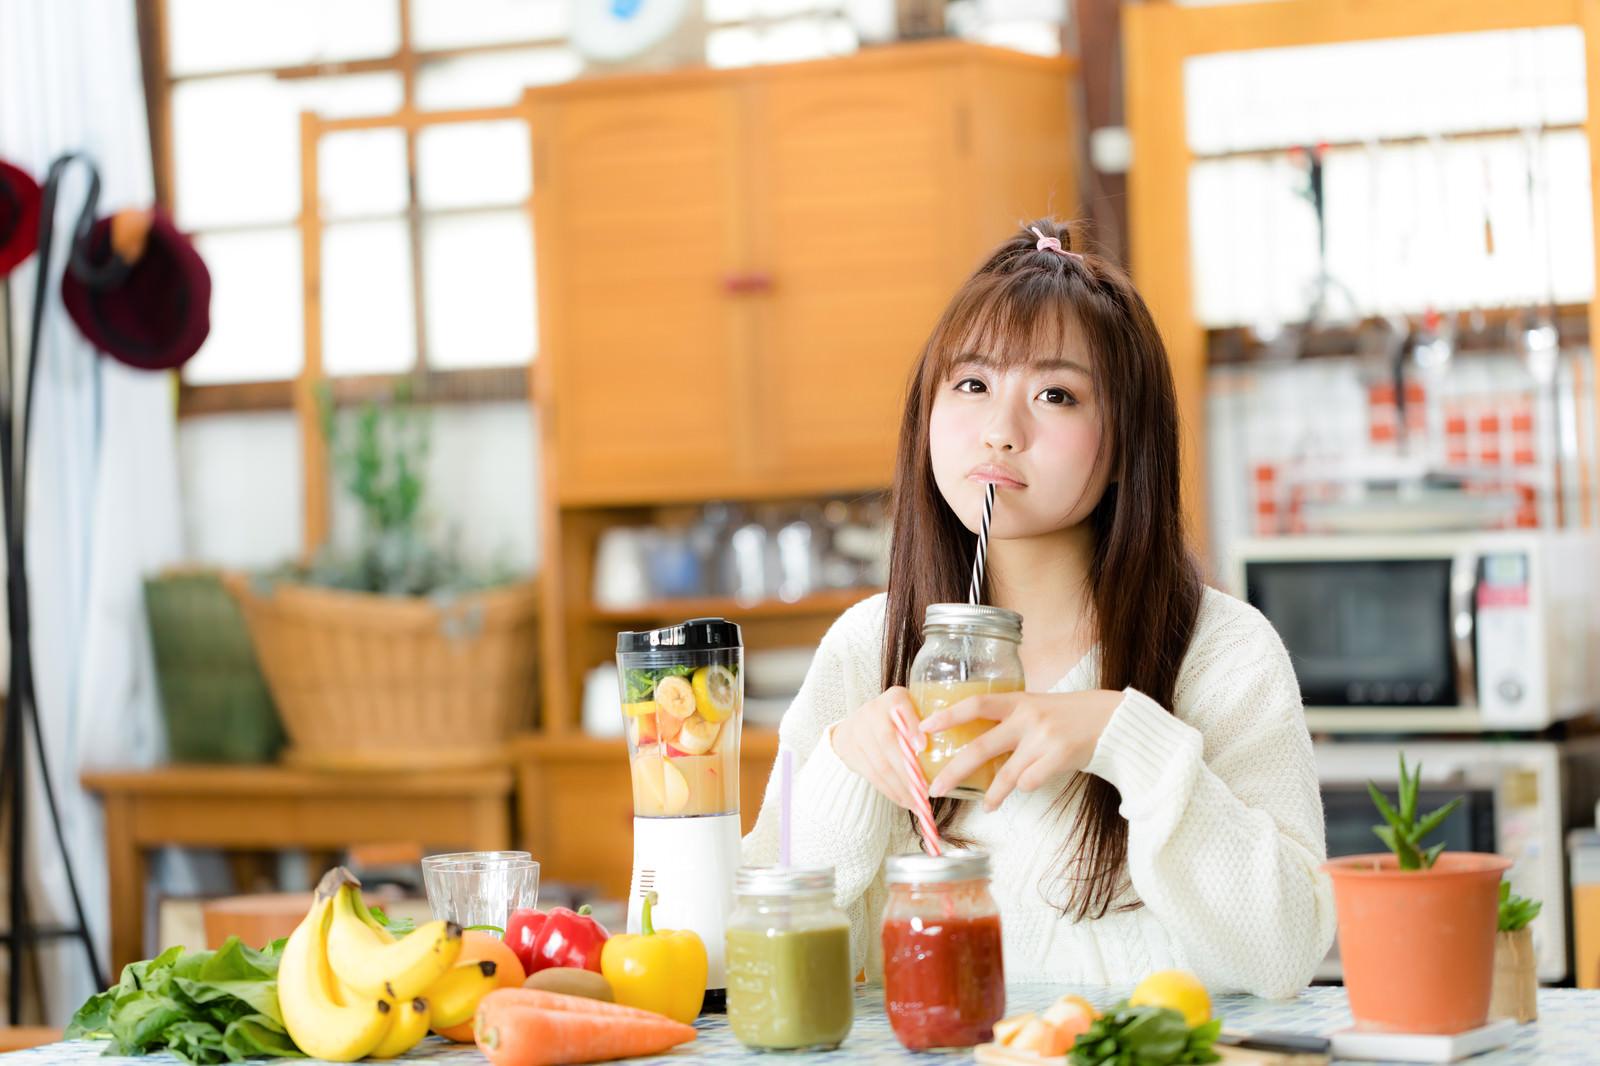 「朝スムージーを楽しむ女性」の写真[モデル:河村友歌]